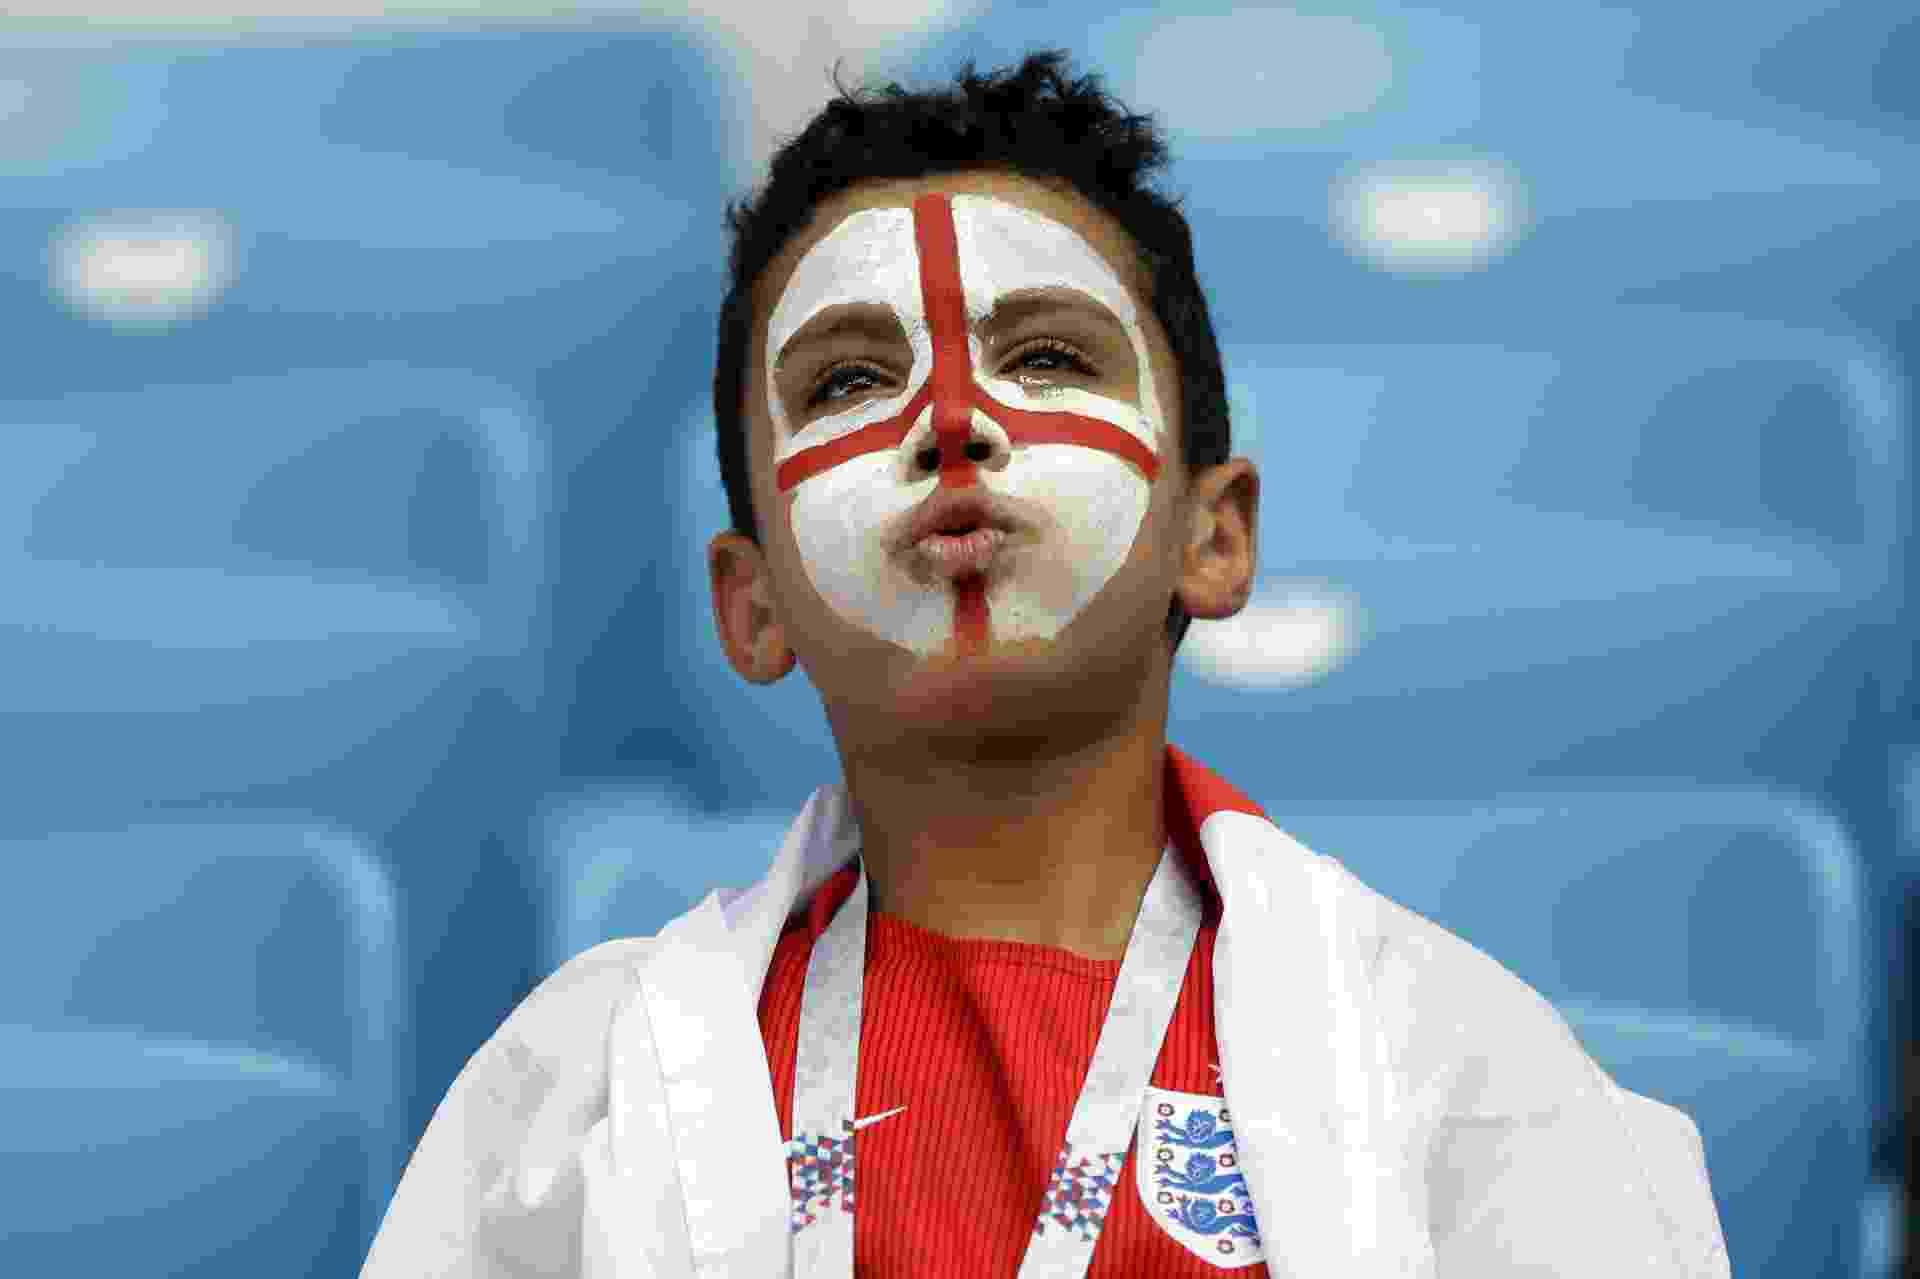 Menino com a bandeira da Inglaterra pintada no rosto - Menino com a bandeira da Inglaterra pintada no rosto